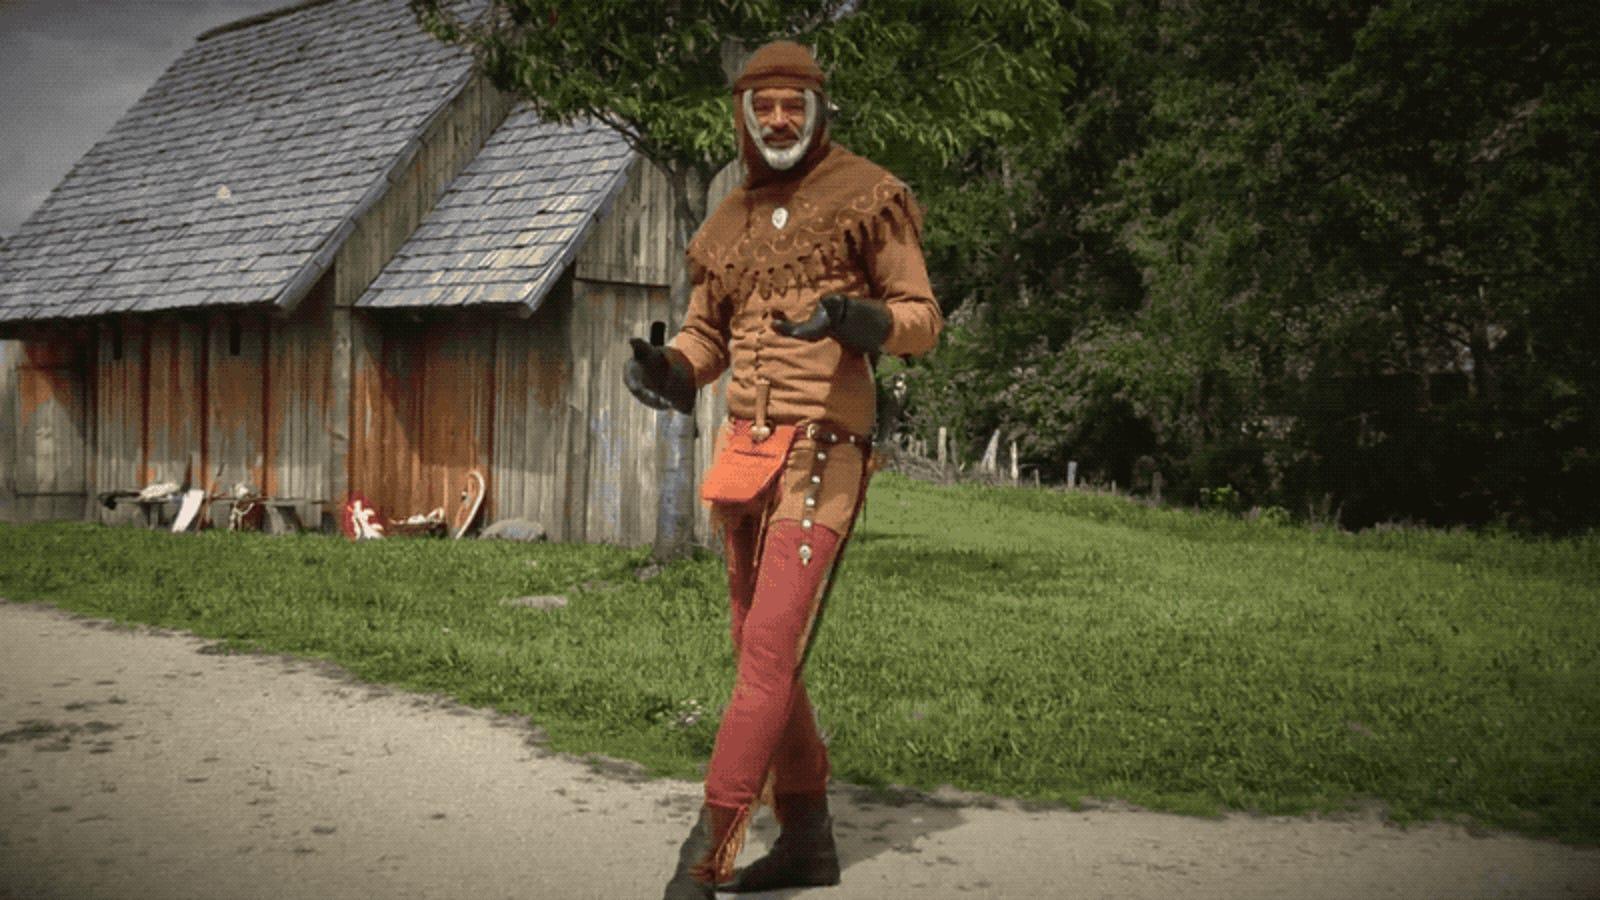 Por qué en la Edad Media caminaban apoyando el pie al revés que ahora (y por qué dejamos de hacerlo)